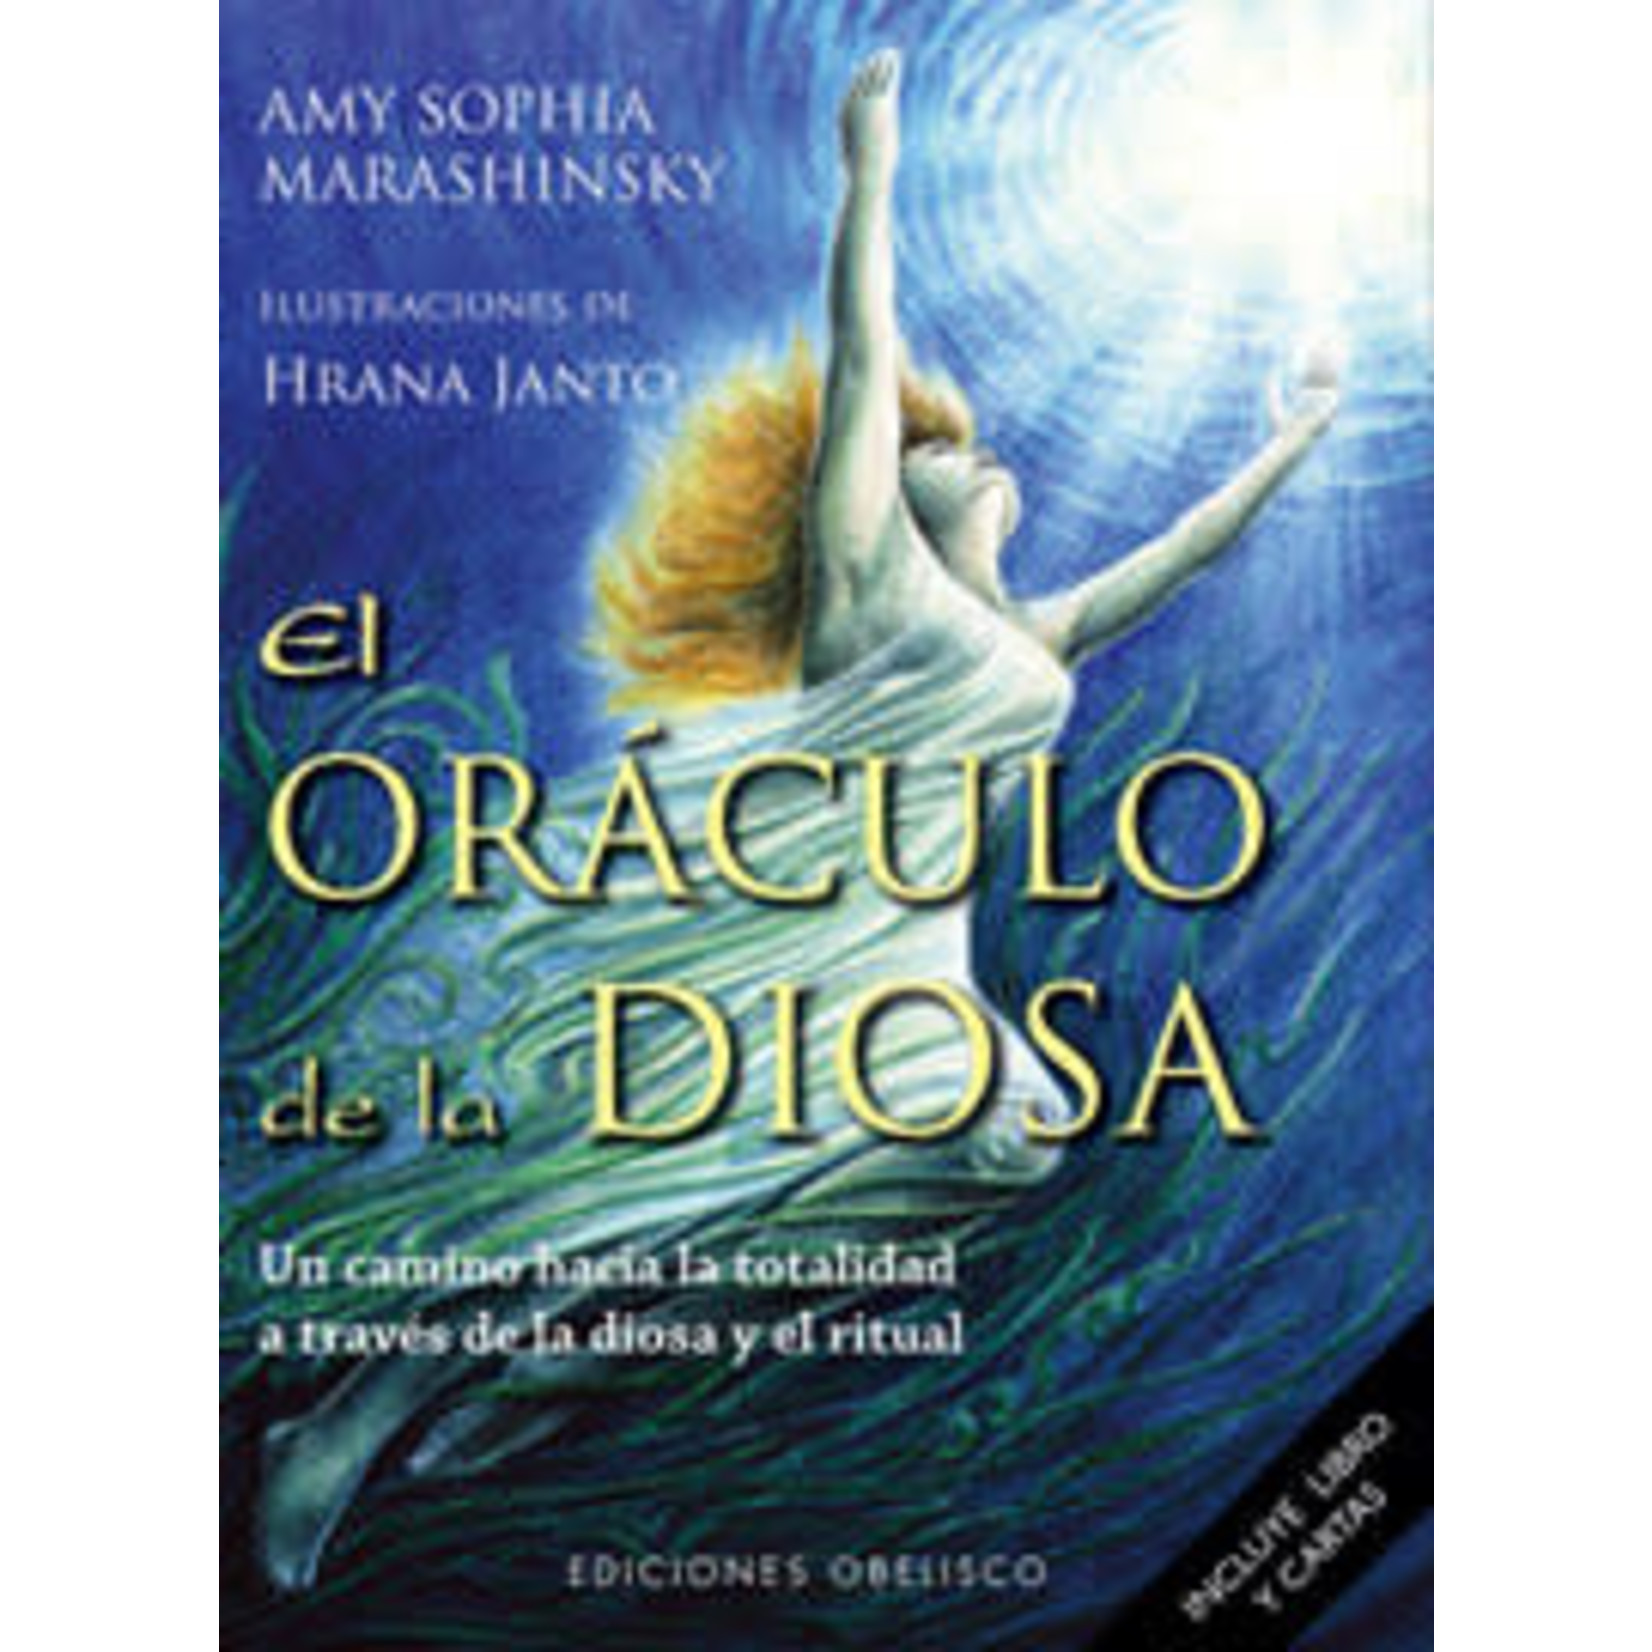 ORACULO DE LA DIOSA + 52 CARTAS